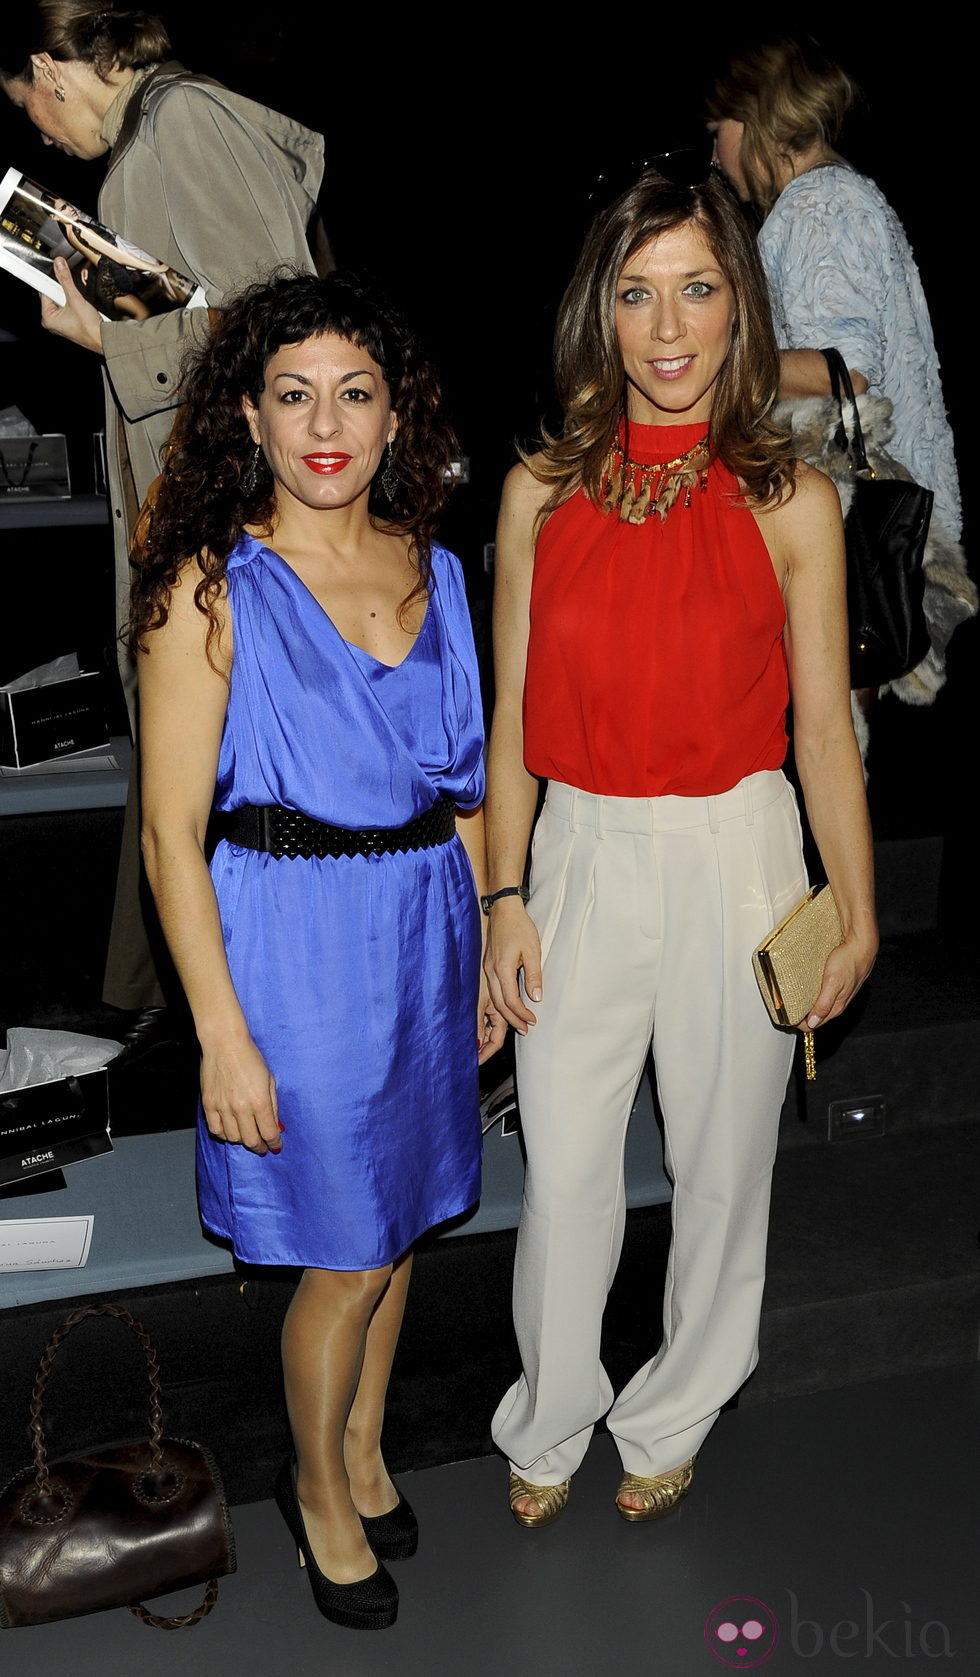 Cristina Medina y Eva Isanta en el desfile de Hannibal Laguna en la Madrid Fashion Week otoño/invierno 2013/2014